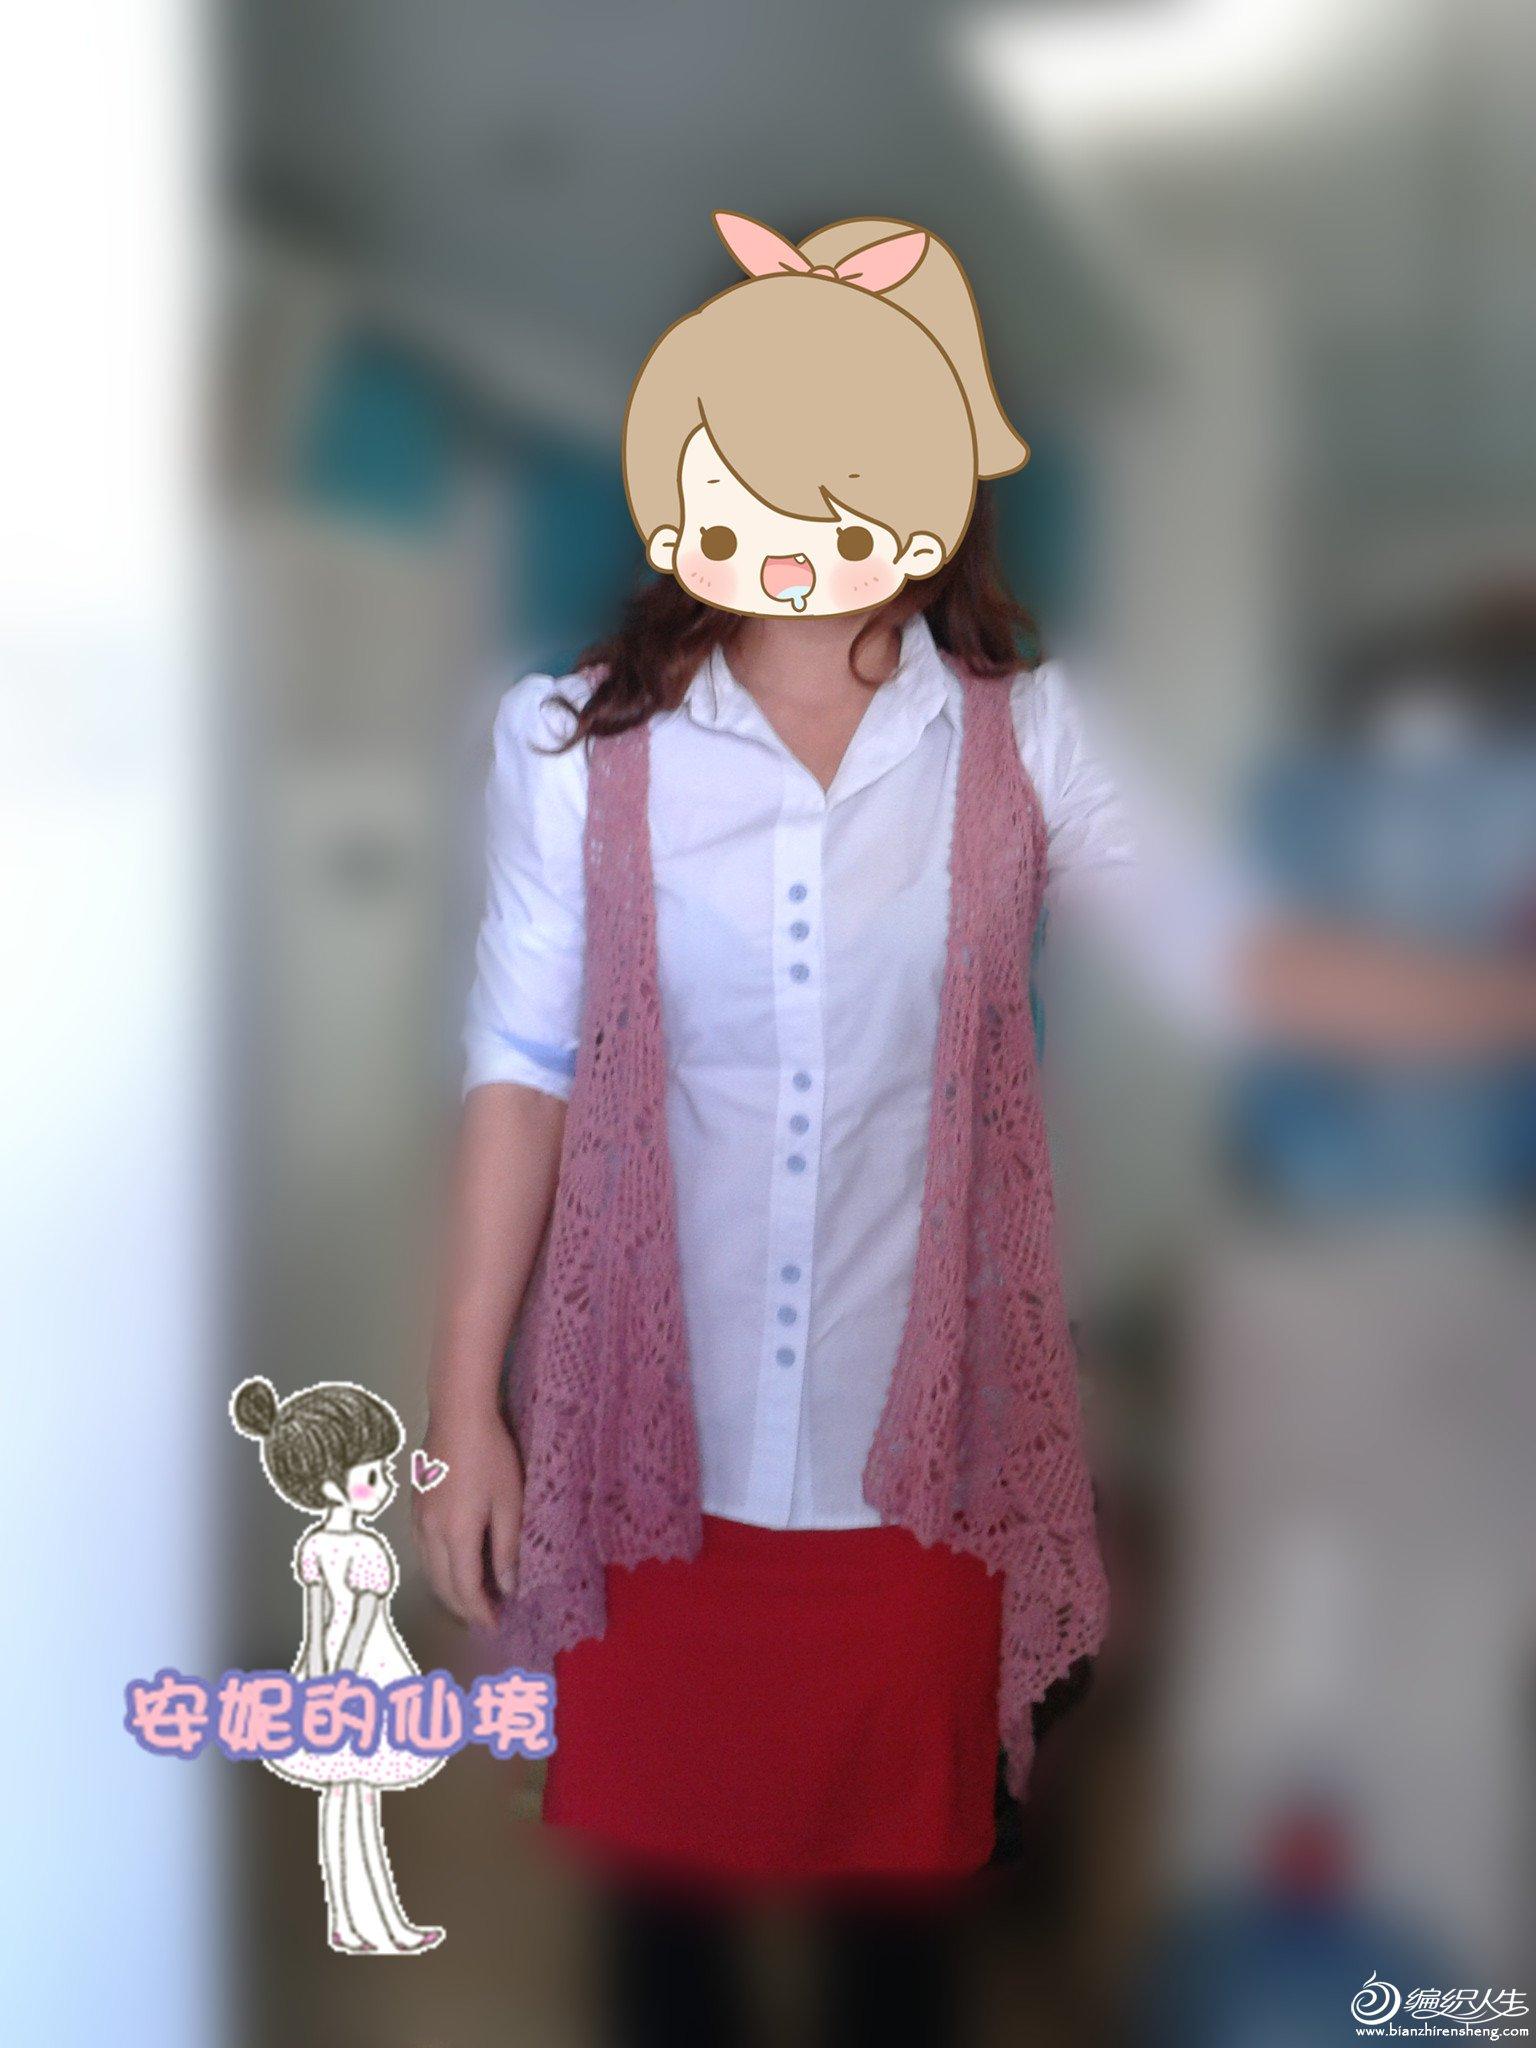 粉红女郎-正面LOGO.jpg